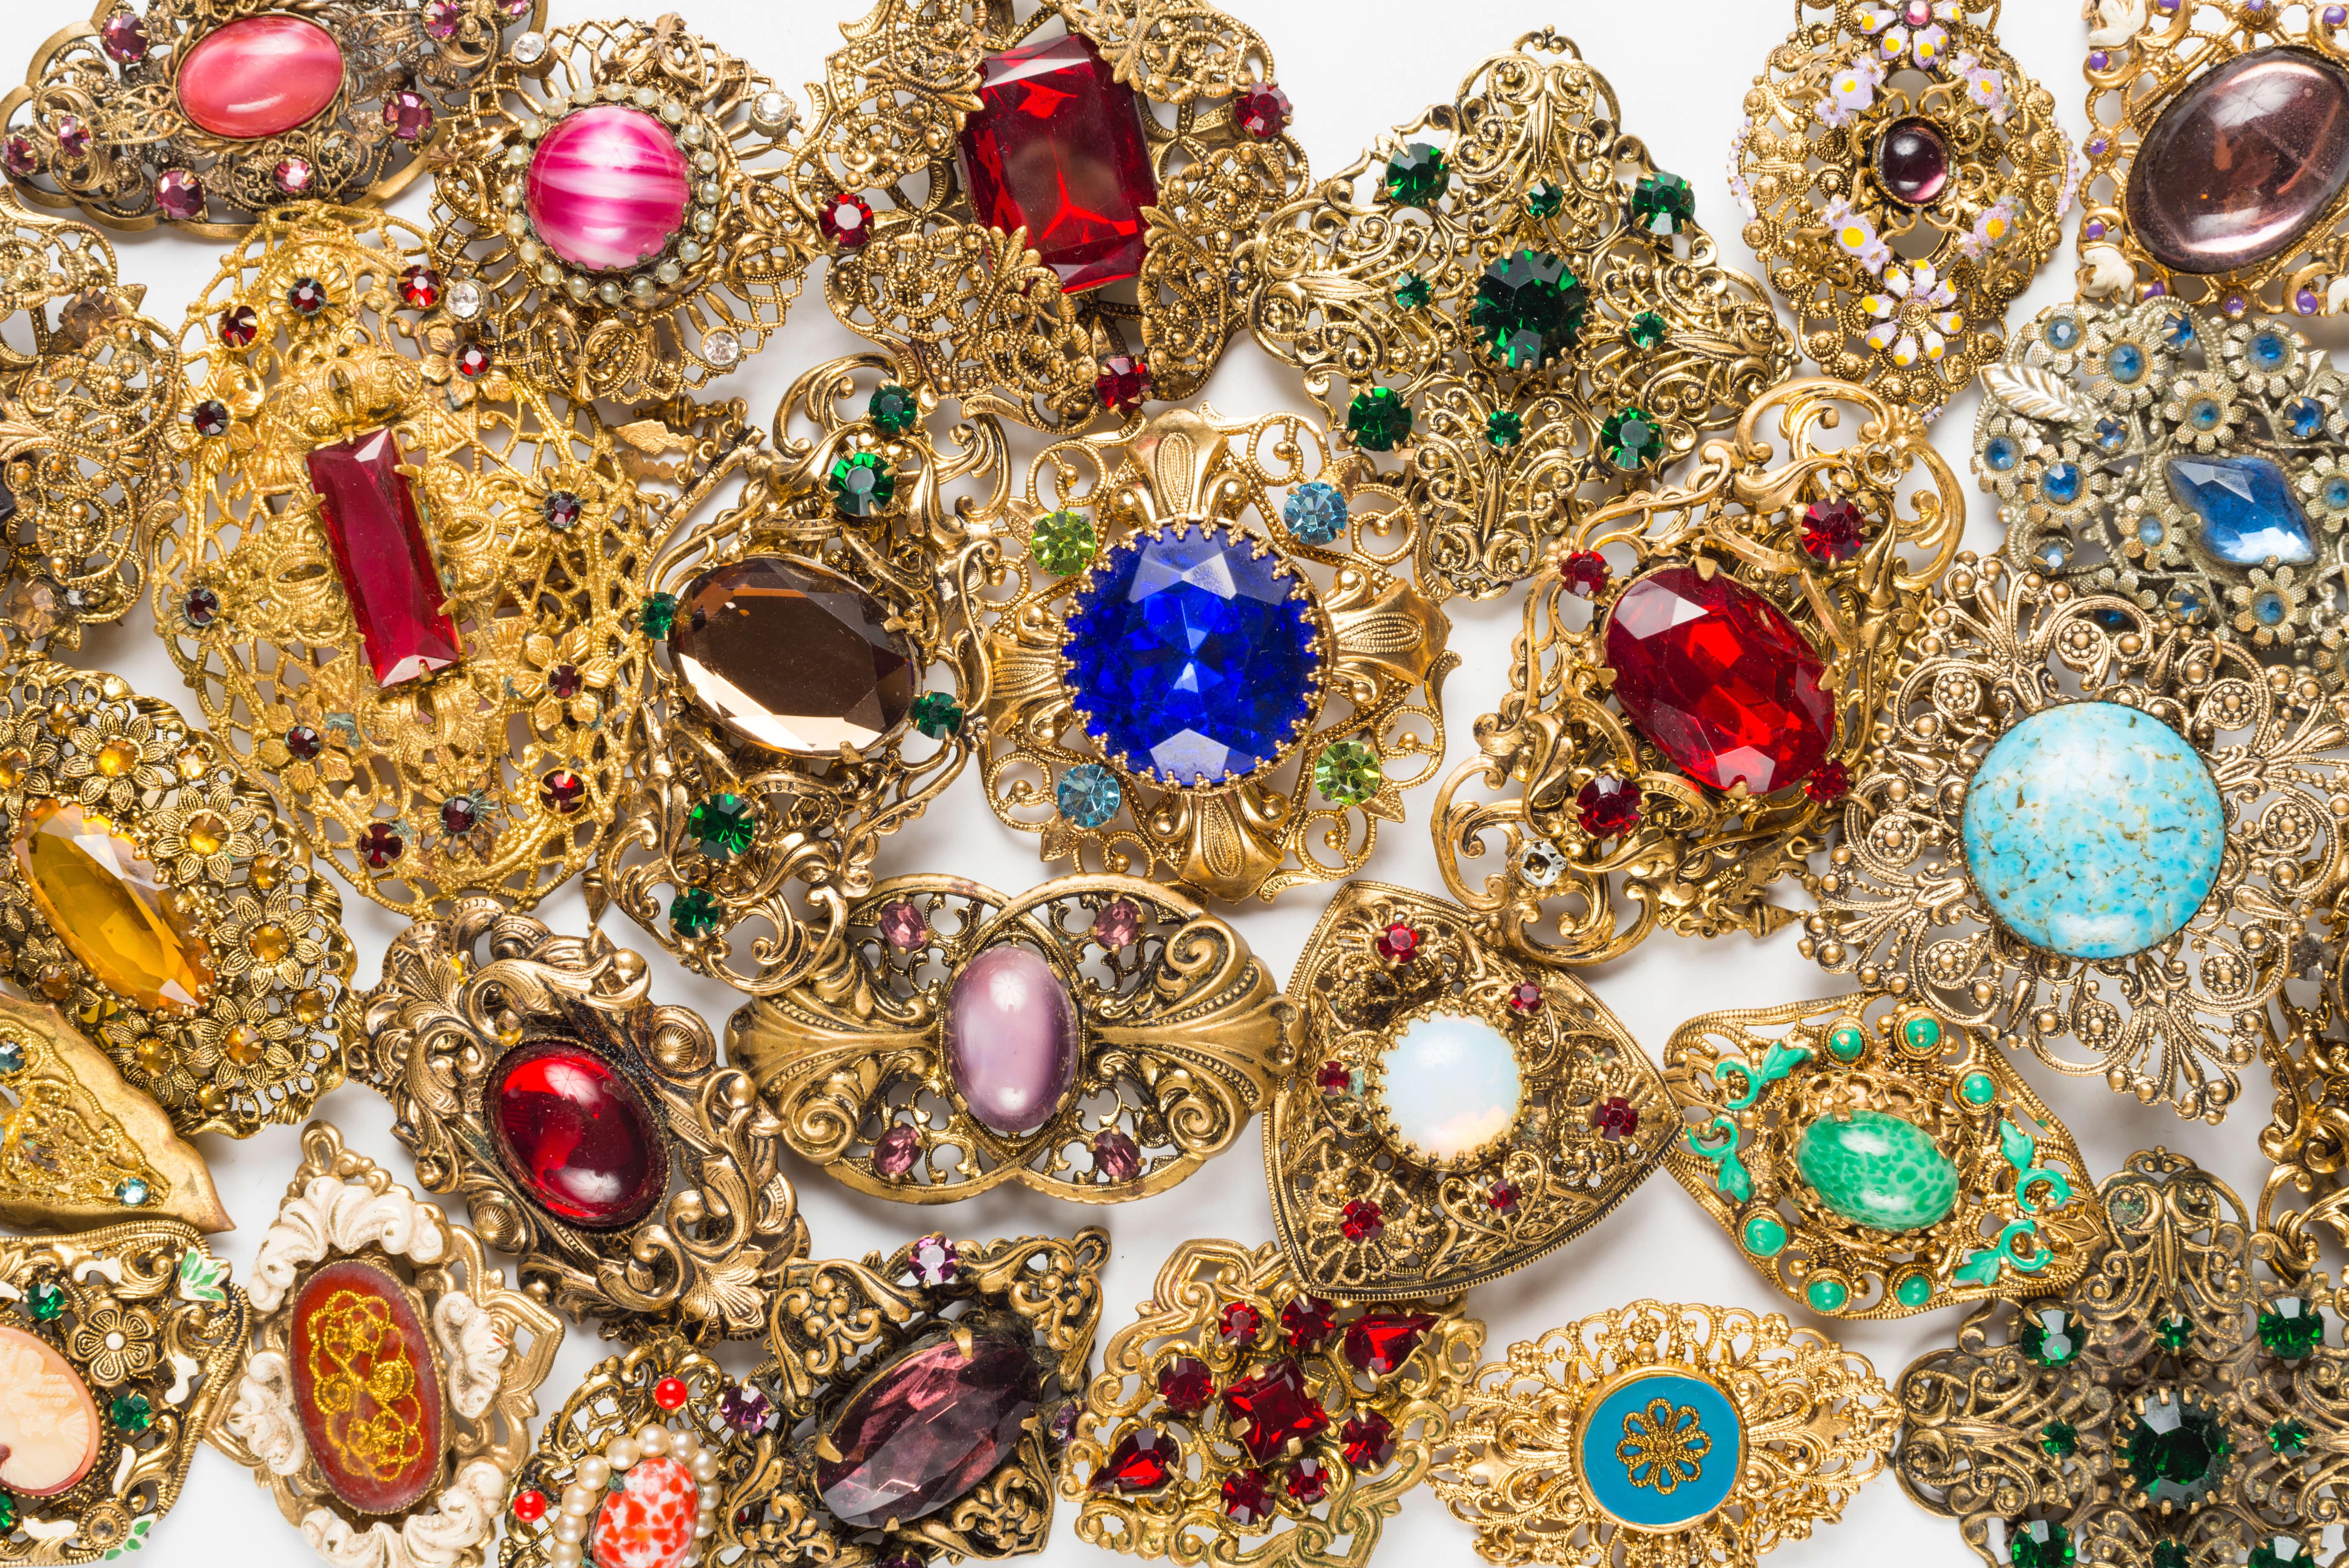 Biżuteria wiktoriańska – era rozkwitu biżuterii w czasie rządów jednej królowej